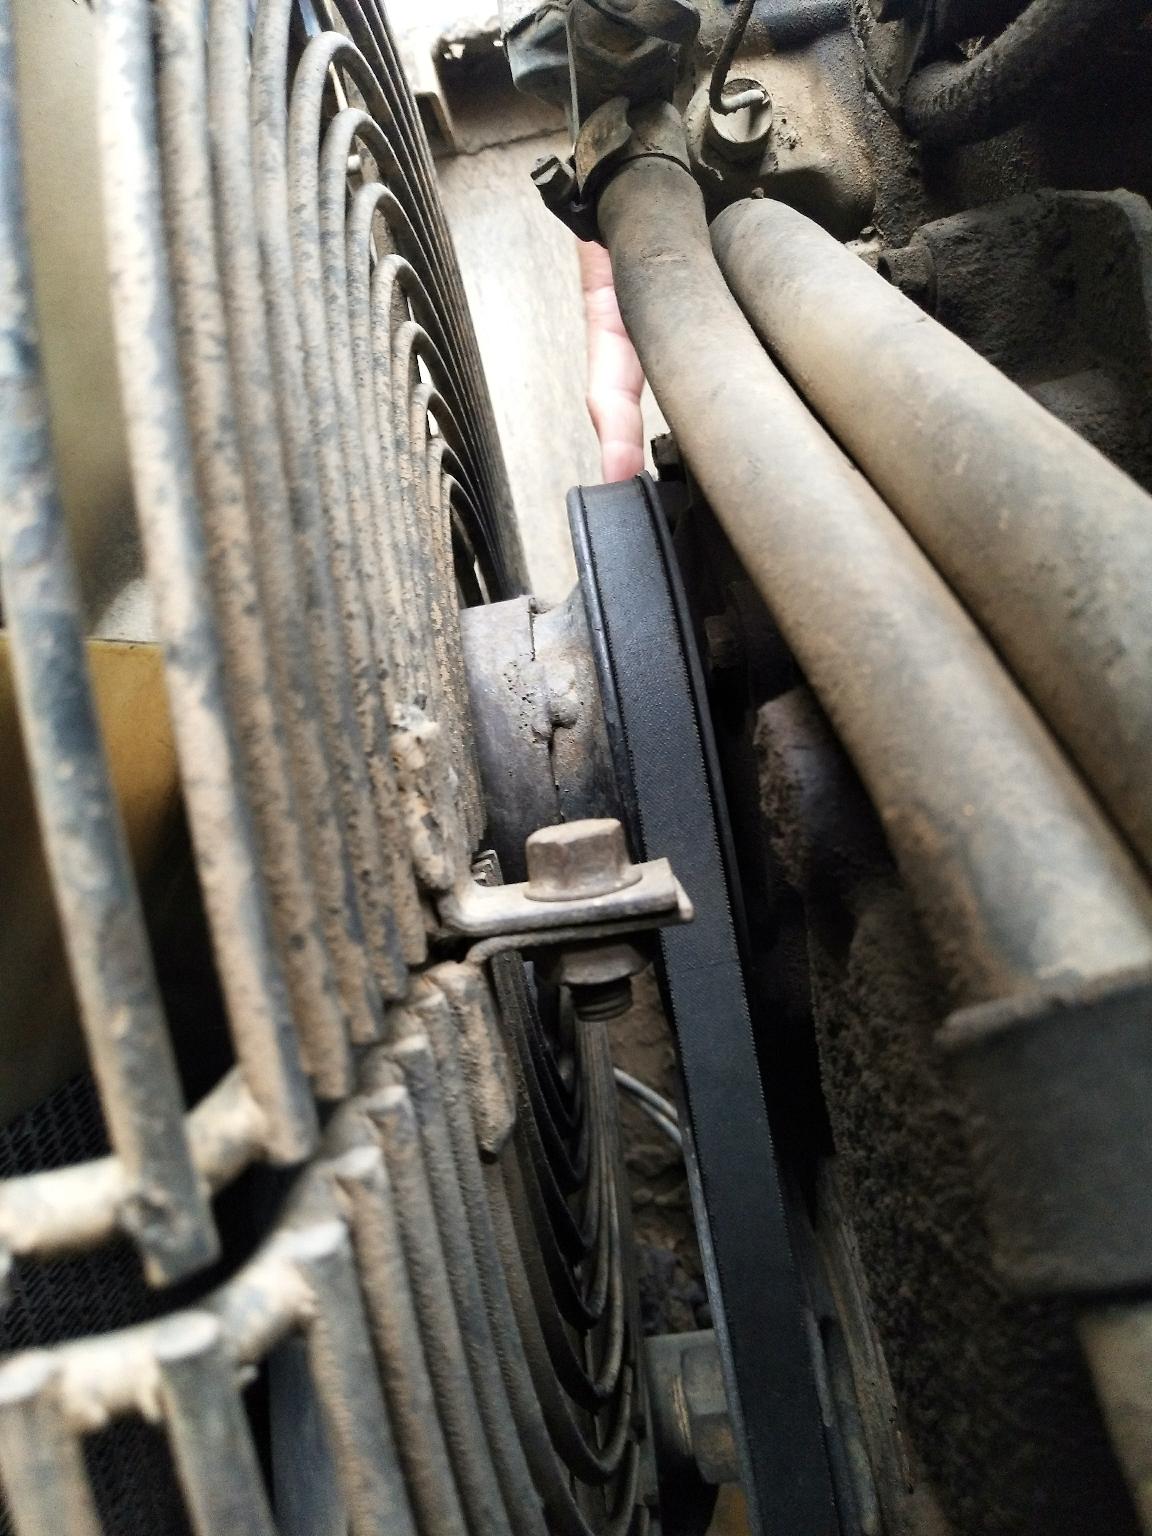 你们60机的皮带轮是单槽还是双槽的?